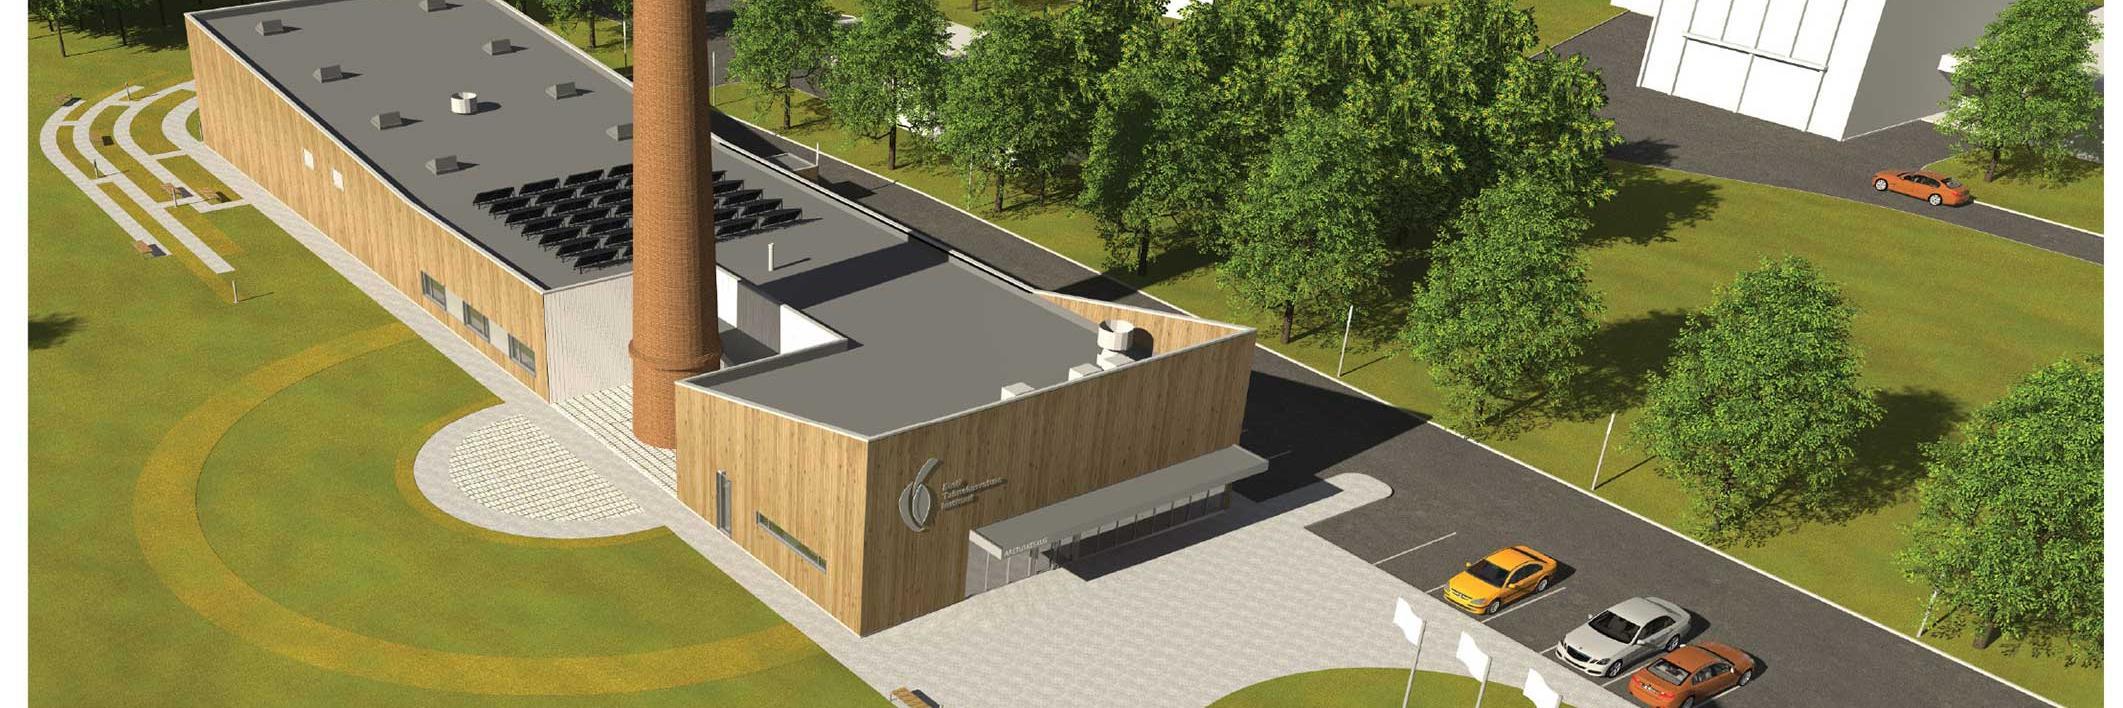 Eesti Taimekasvatuse Instituut otsib kunstikonkursiga skulptuuri